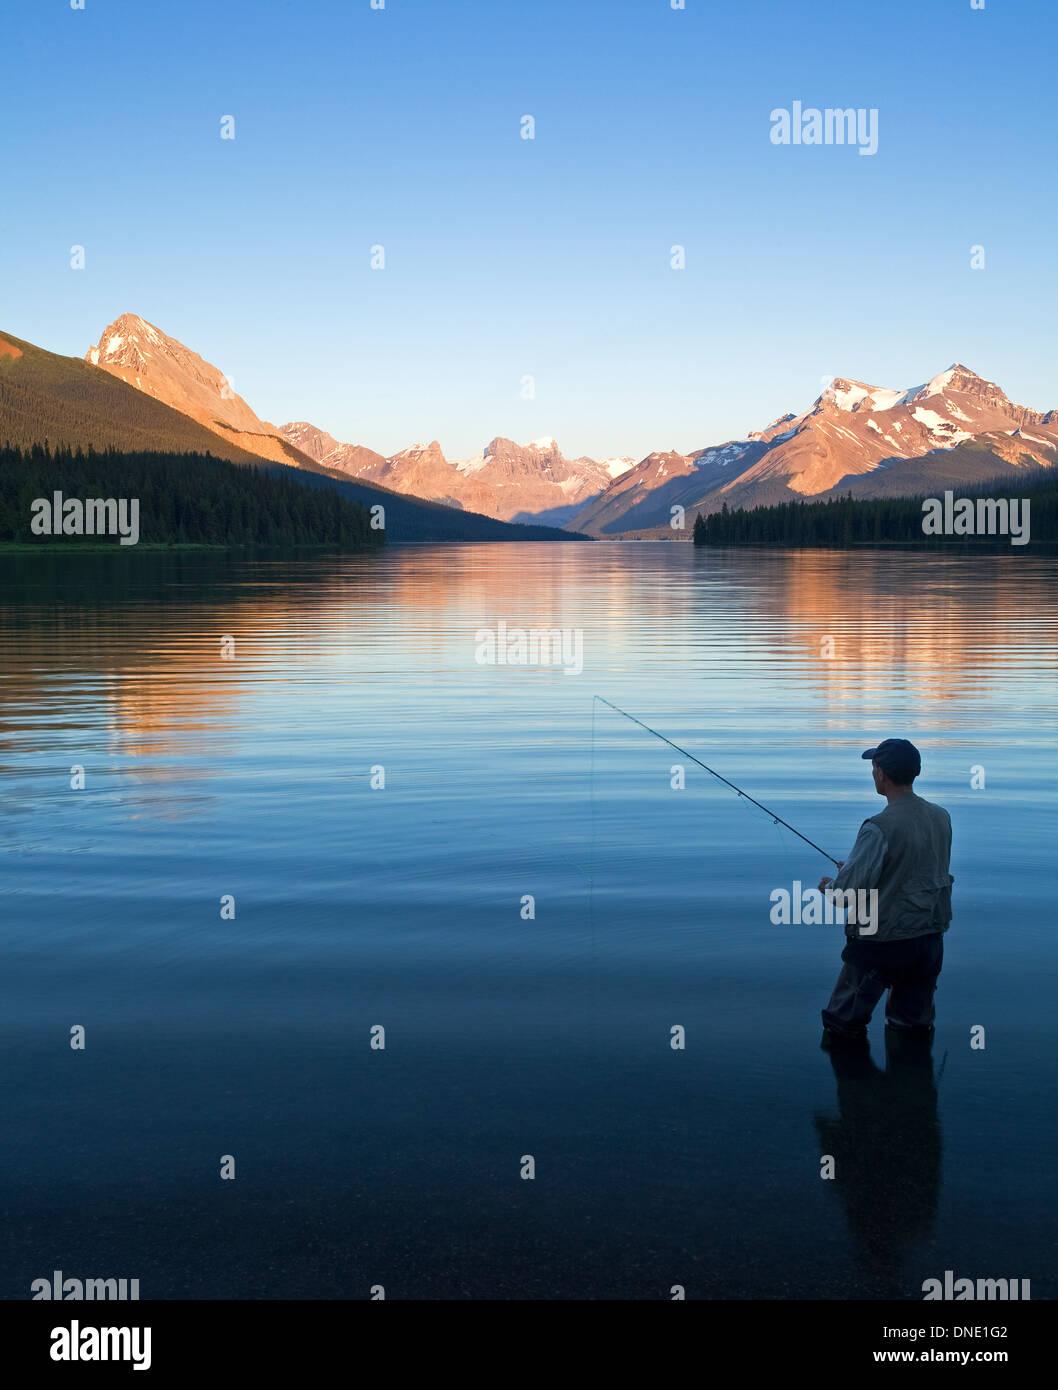 Mittleren Alters männlichen Fliegenfischen am Maligne Lake, Jasper Nationalpark, Alberta, Kanada. Stockfoto